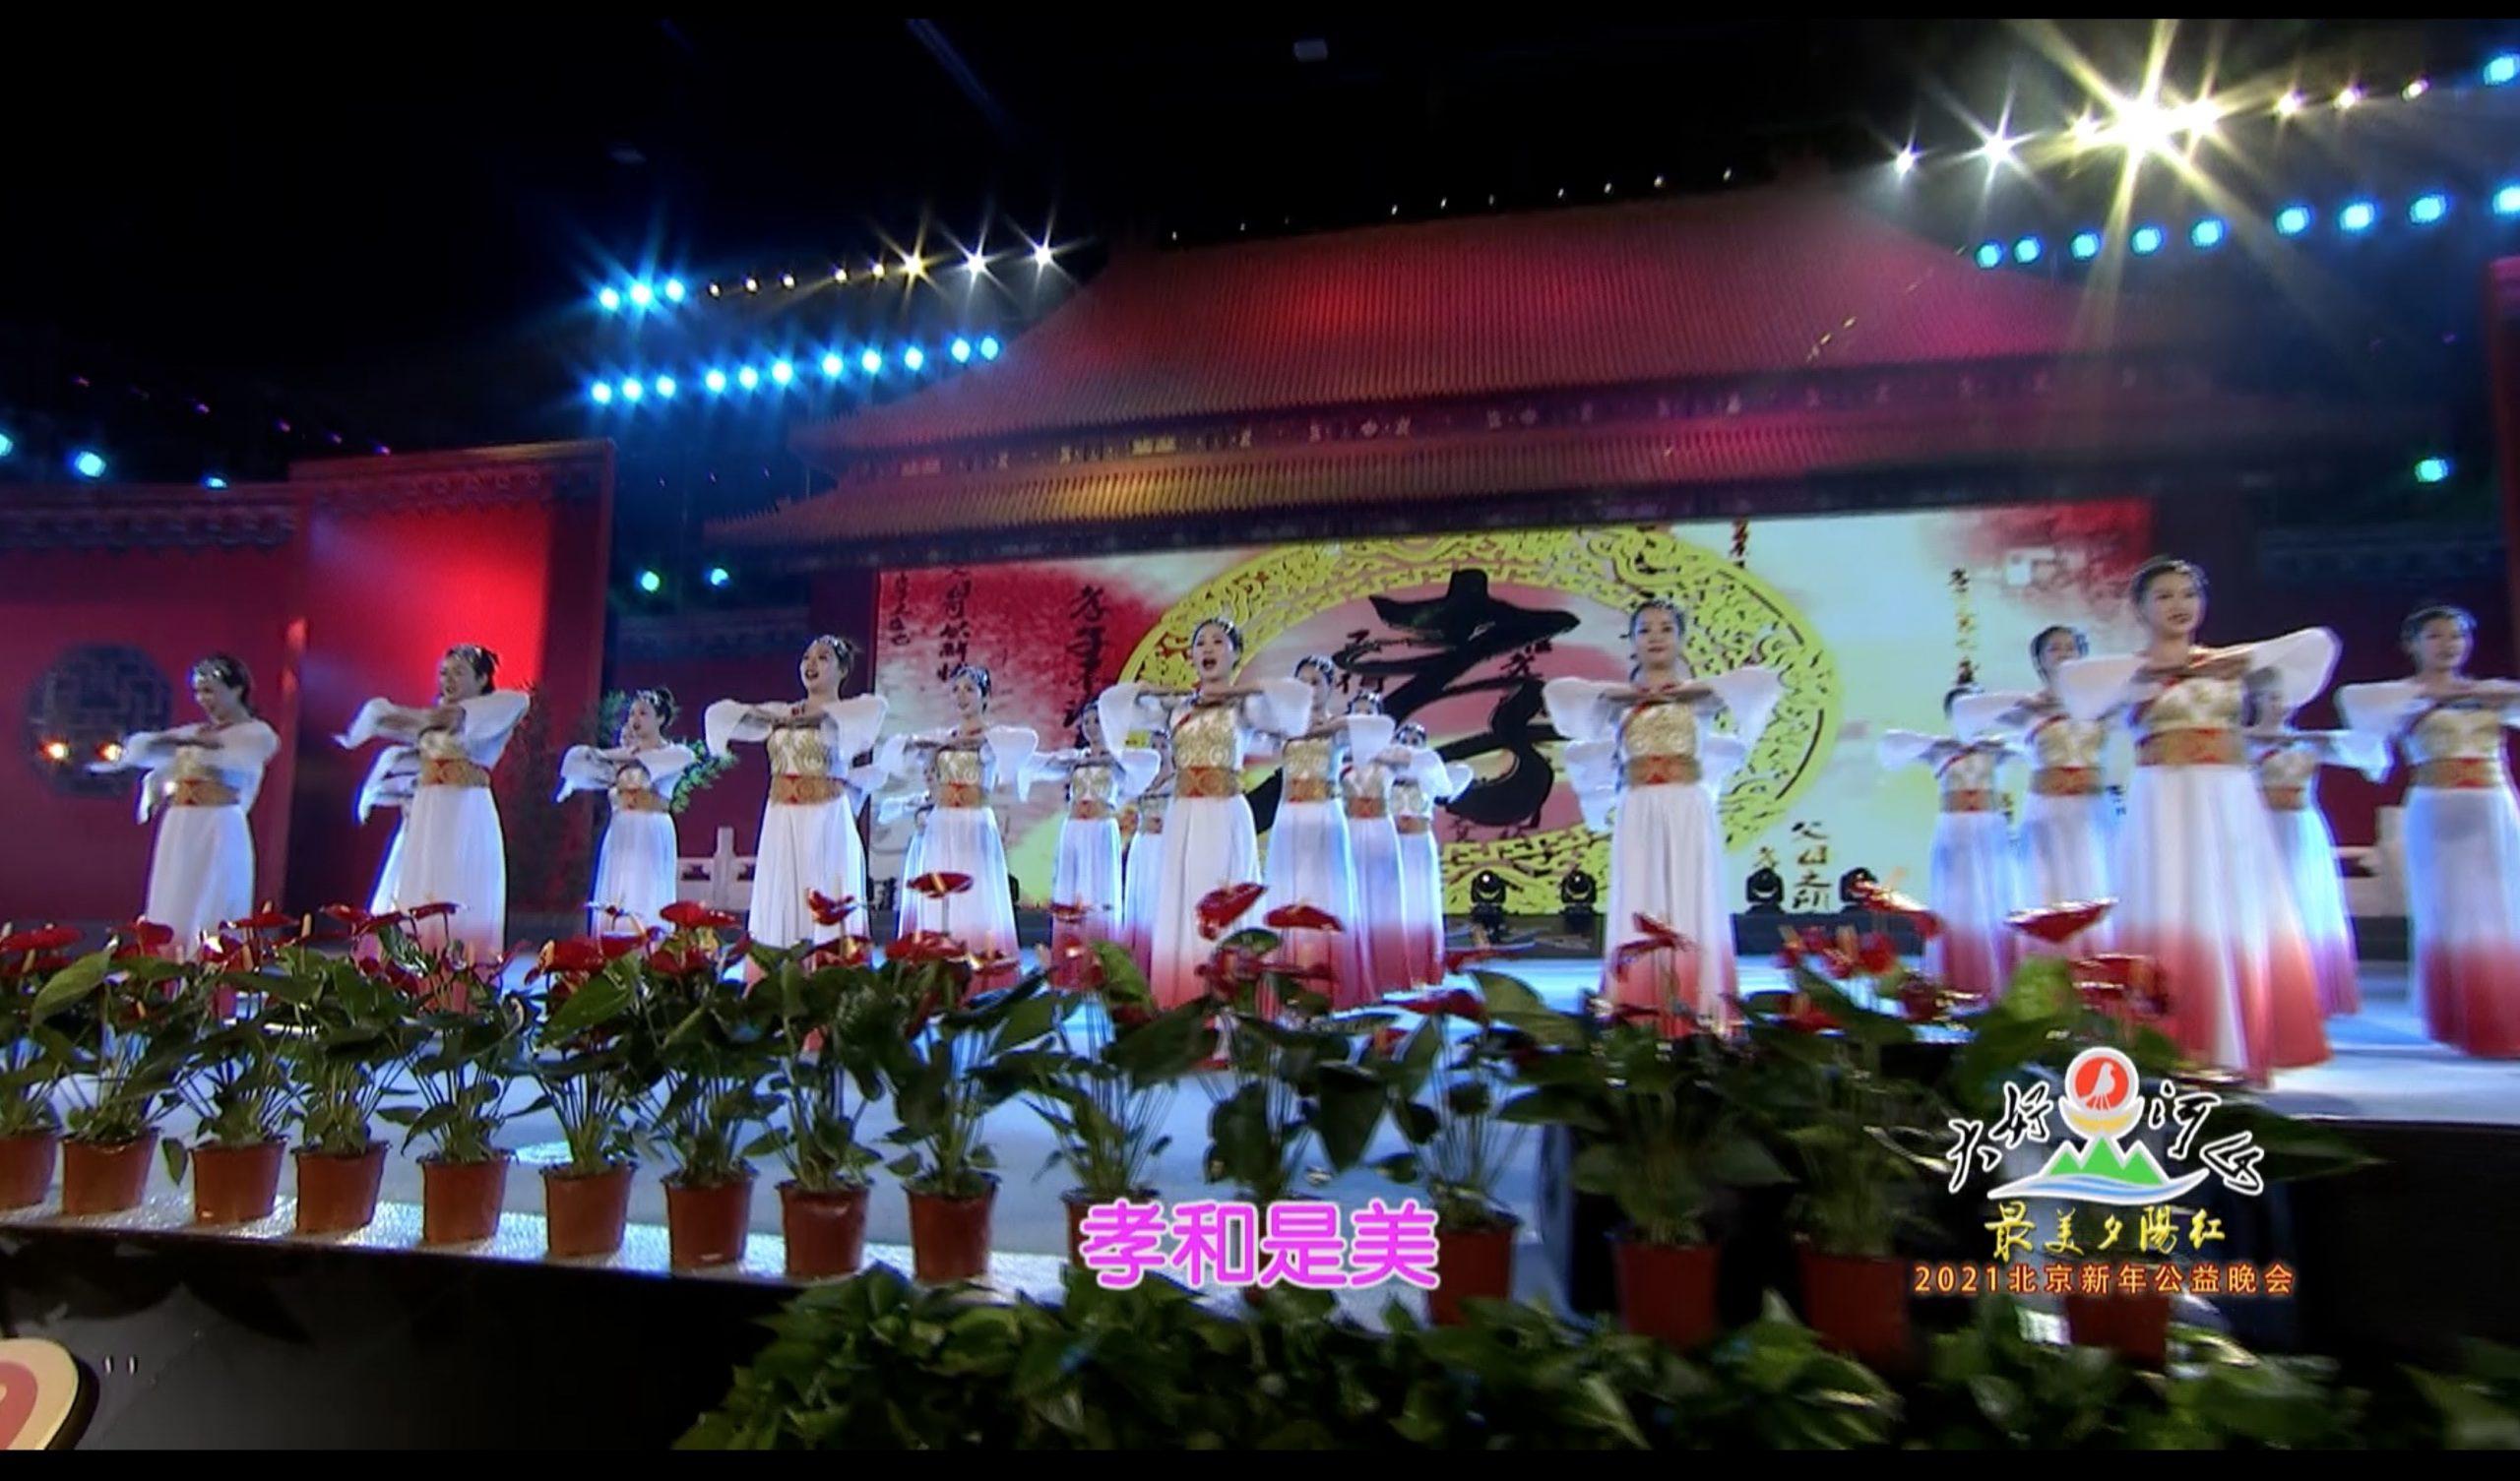 2021北京新年公益晚会 舞蹈《孝和中国》大好河山北京公司员工